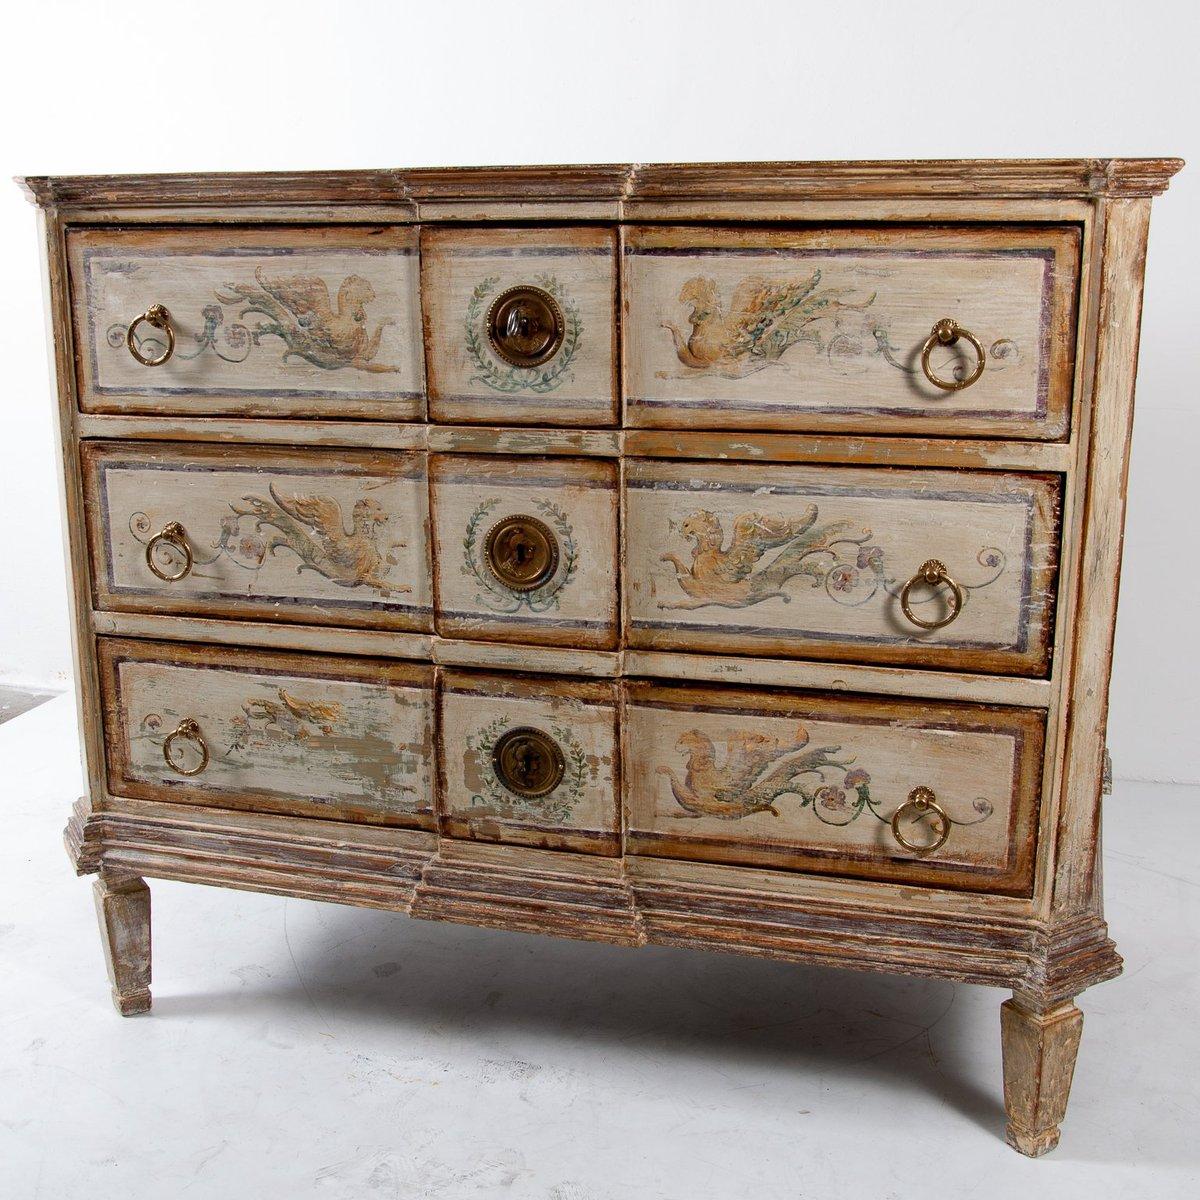 Bemalte Kommode im Louis XVI Stil, 19. Jh.